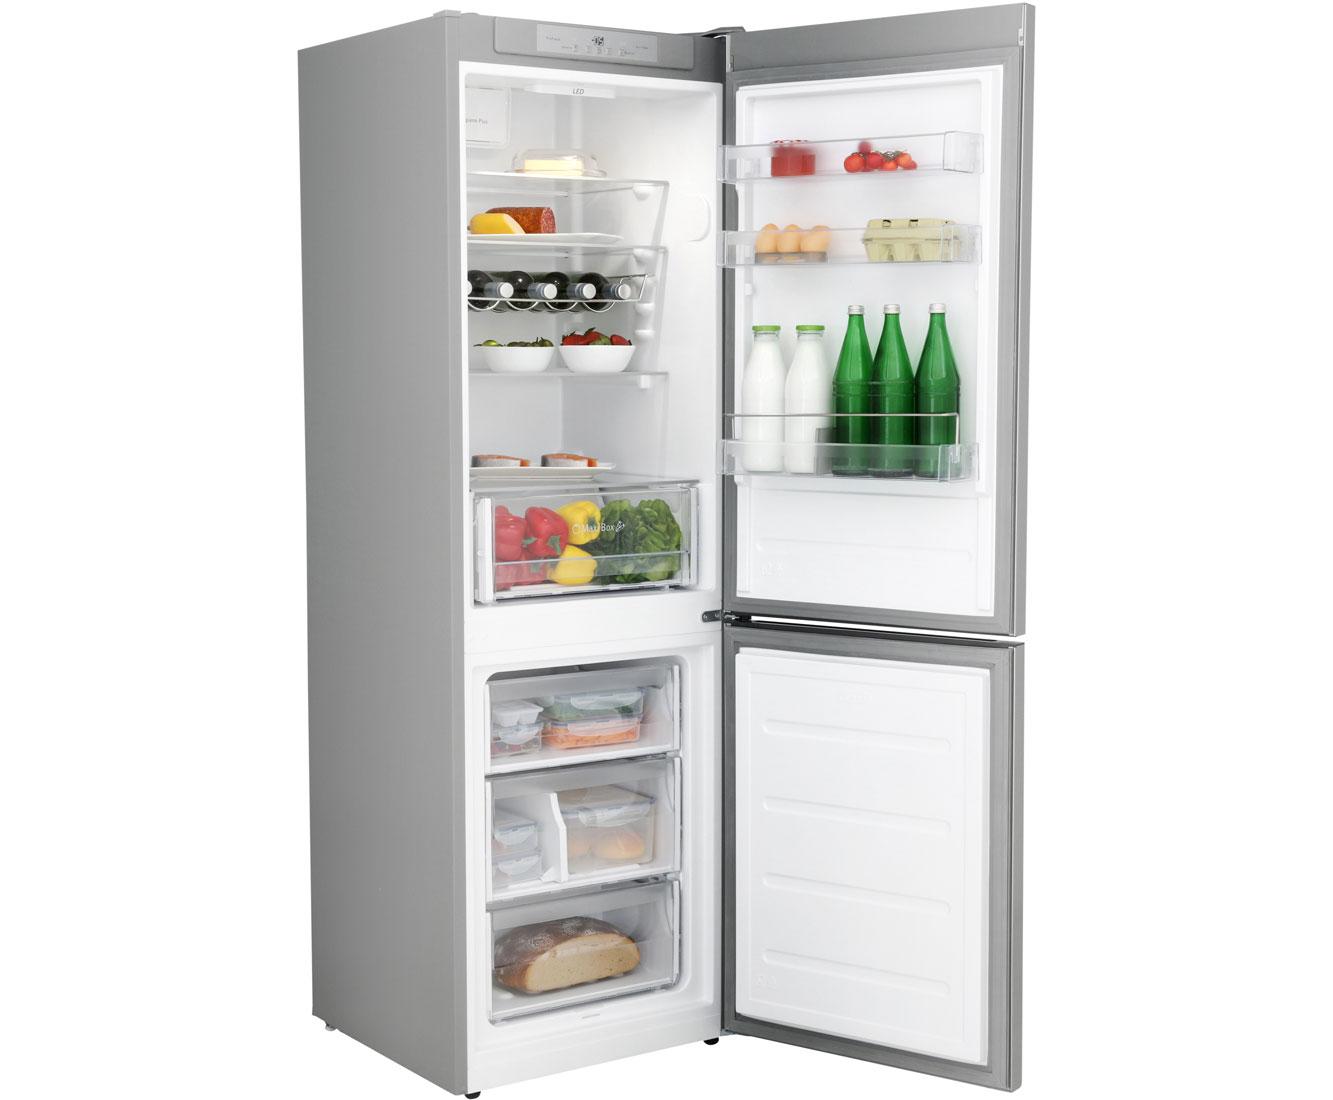 Siemens Kühlschrank Alarm Piept : Smeg kühlschrank piept dometic kühlschrank wohnmobil piept dometic